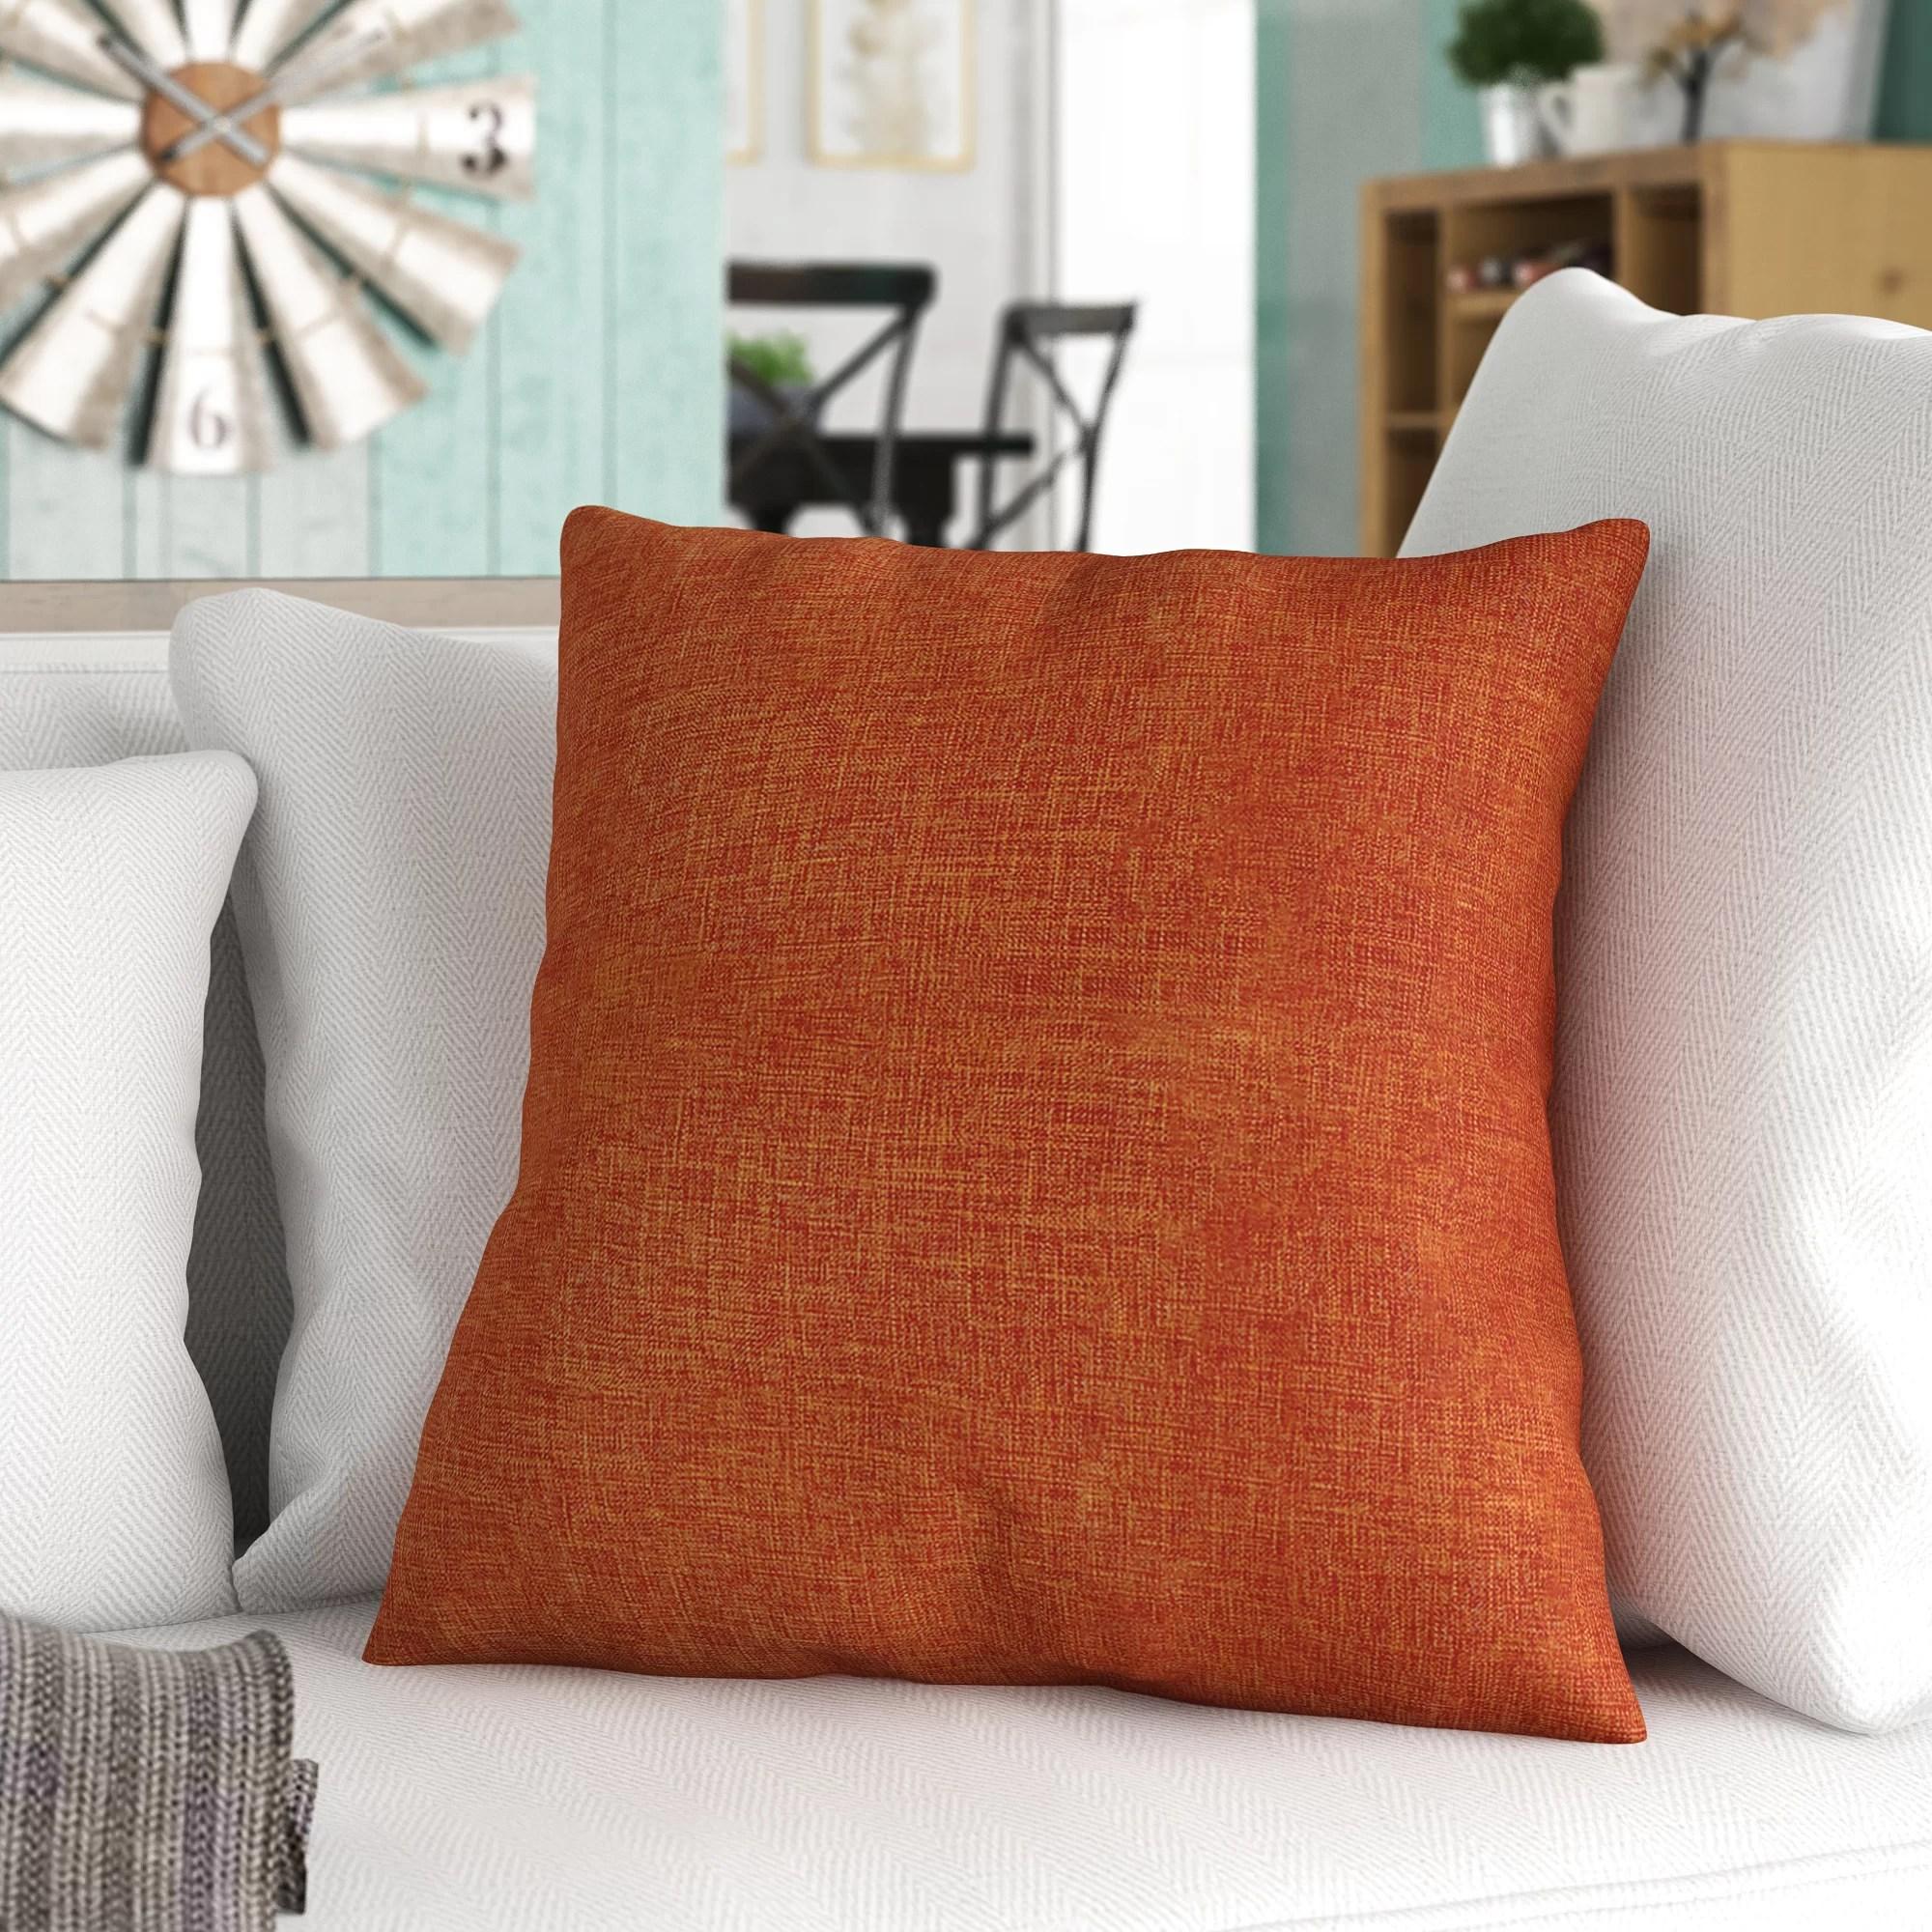 antonio square pillow cover